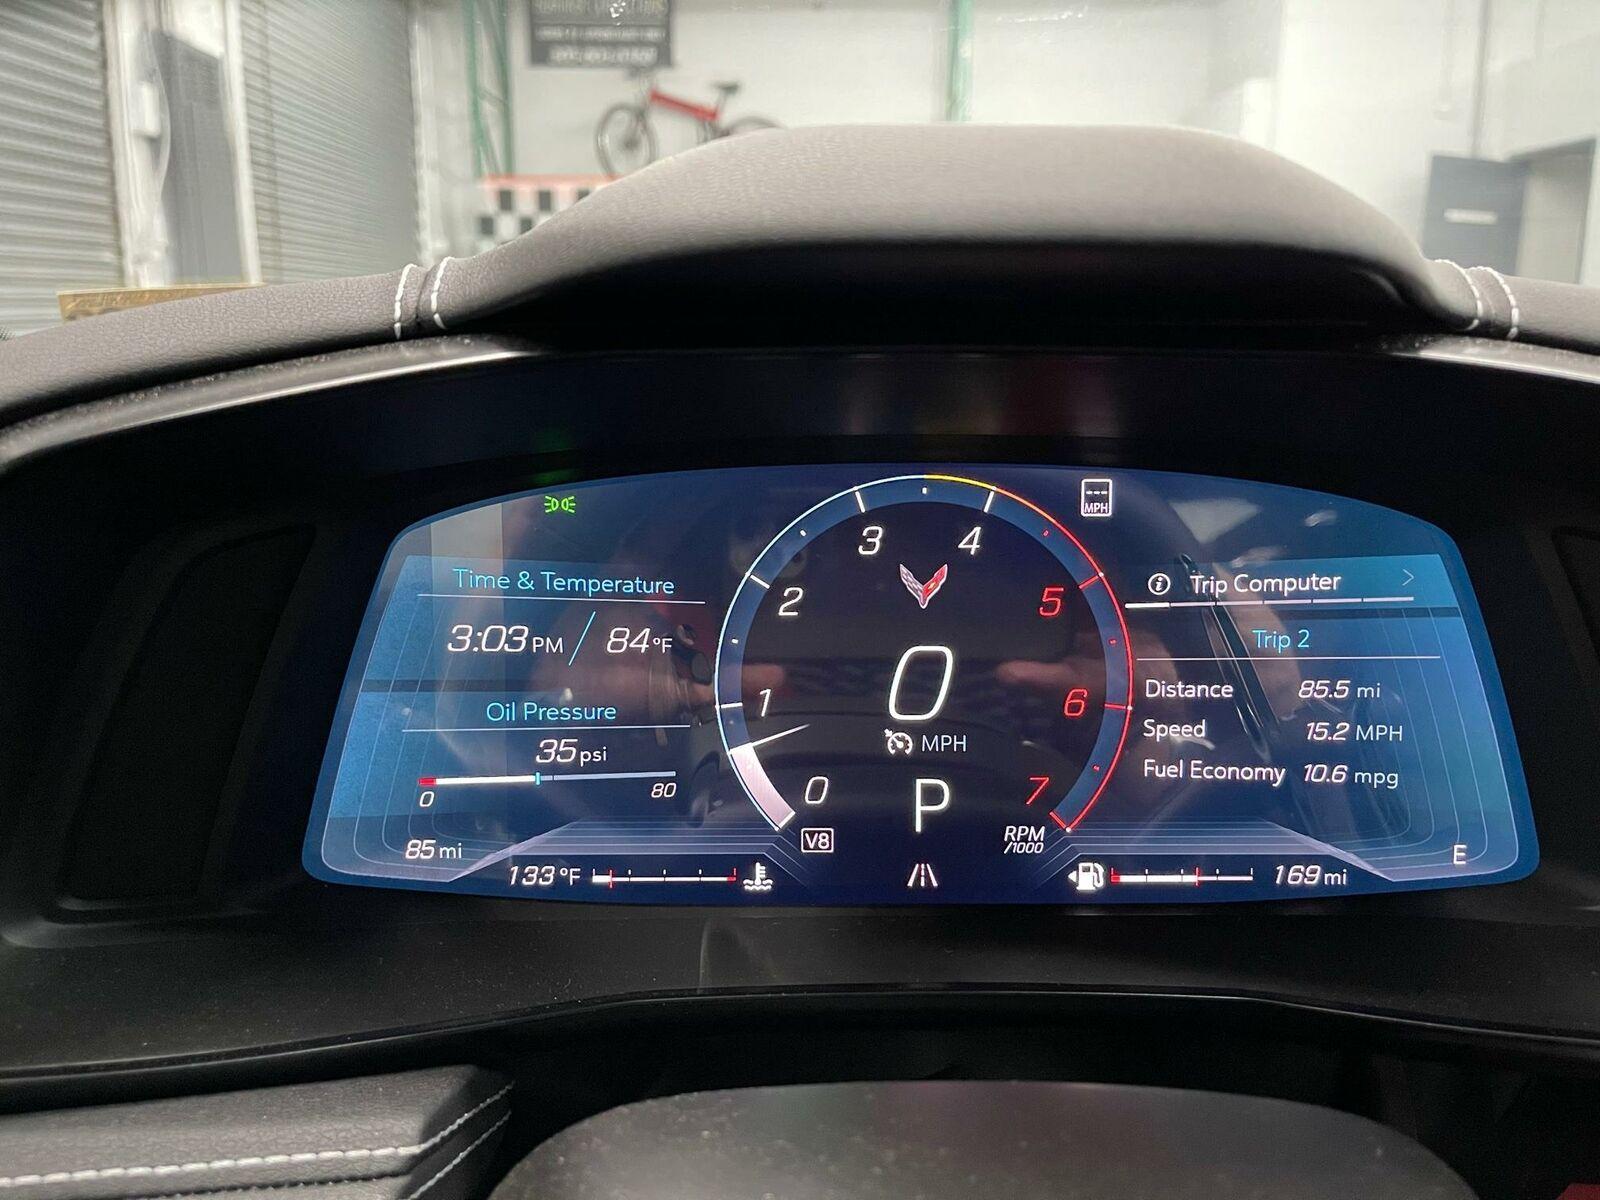 2021 Black Chevrolet Corvette  2LT | C7 Corvette Photo 7